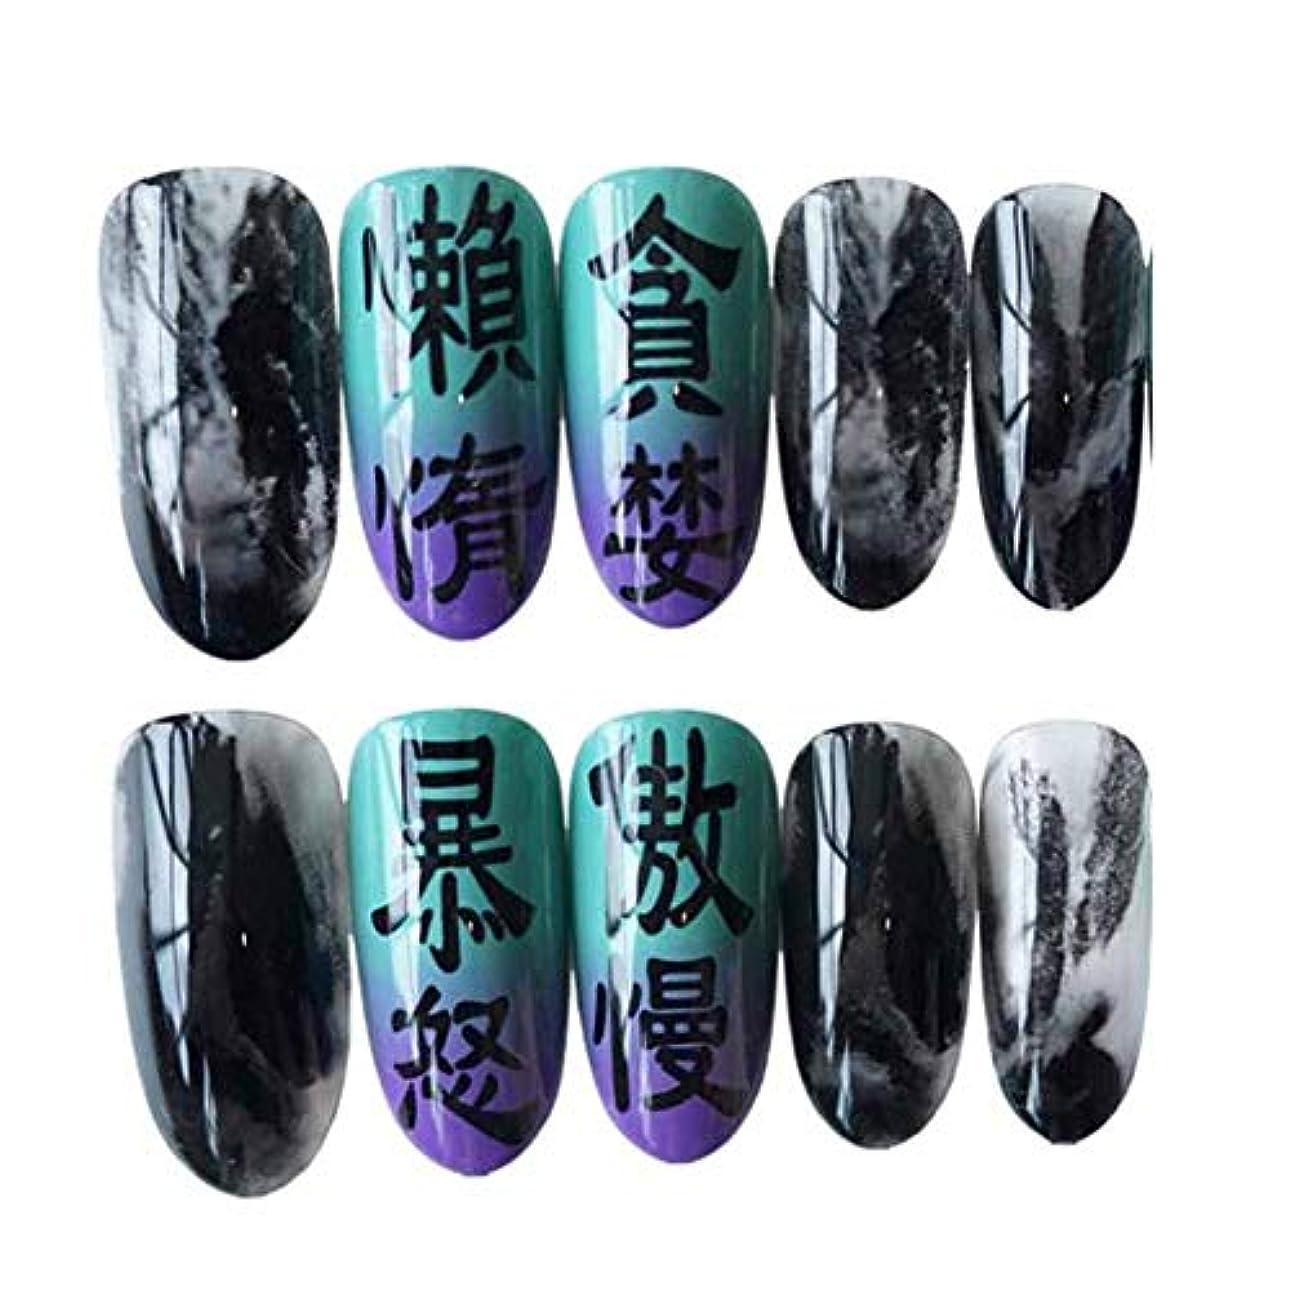 嫉妬 - 紫/黒のシャープな偽の指爪人工的な偽の爪のヒント暗い